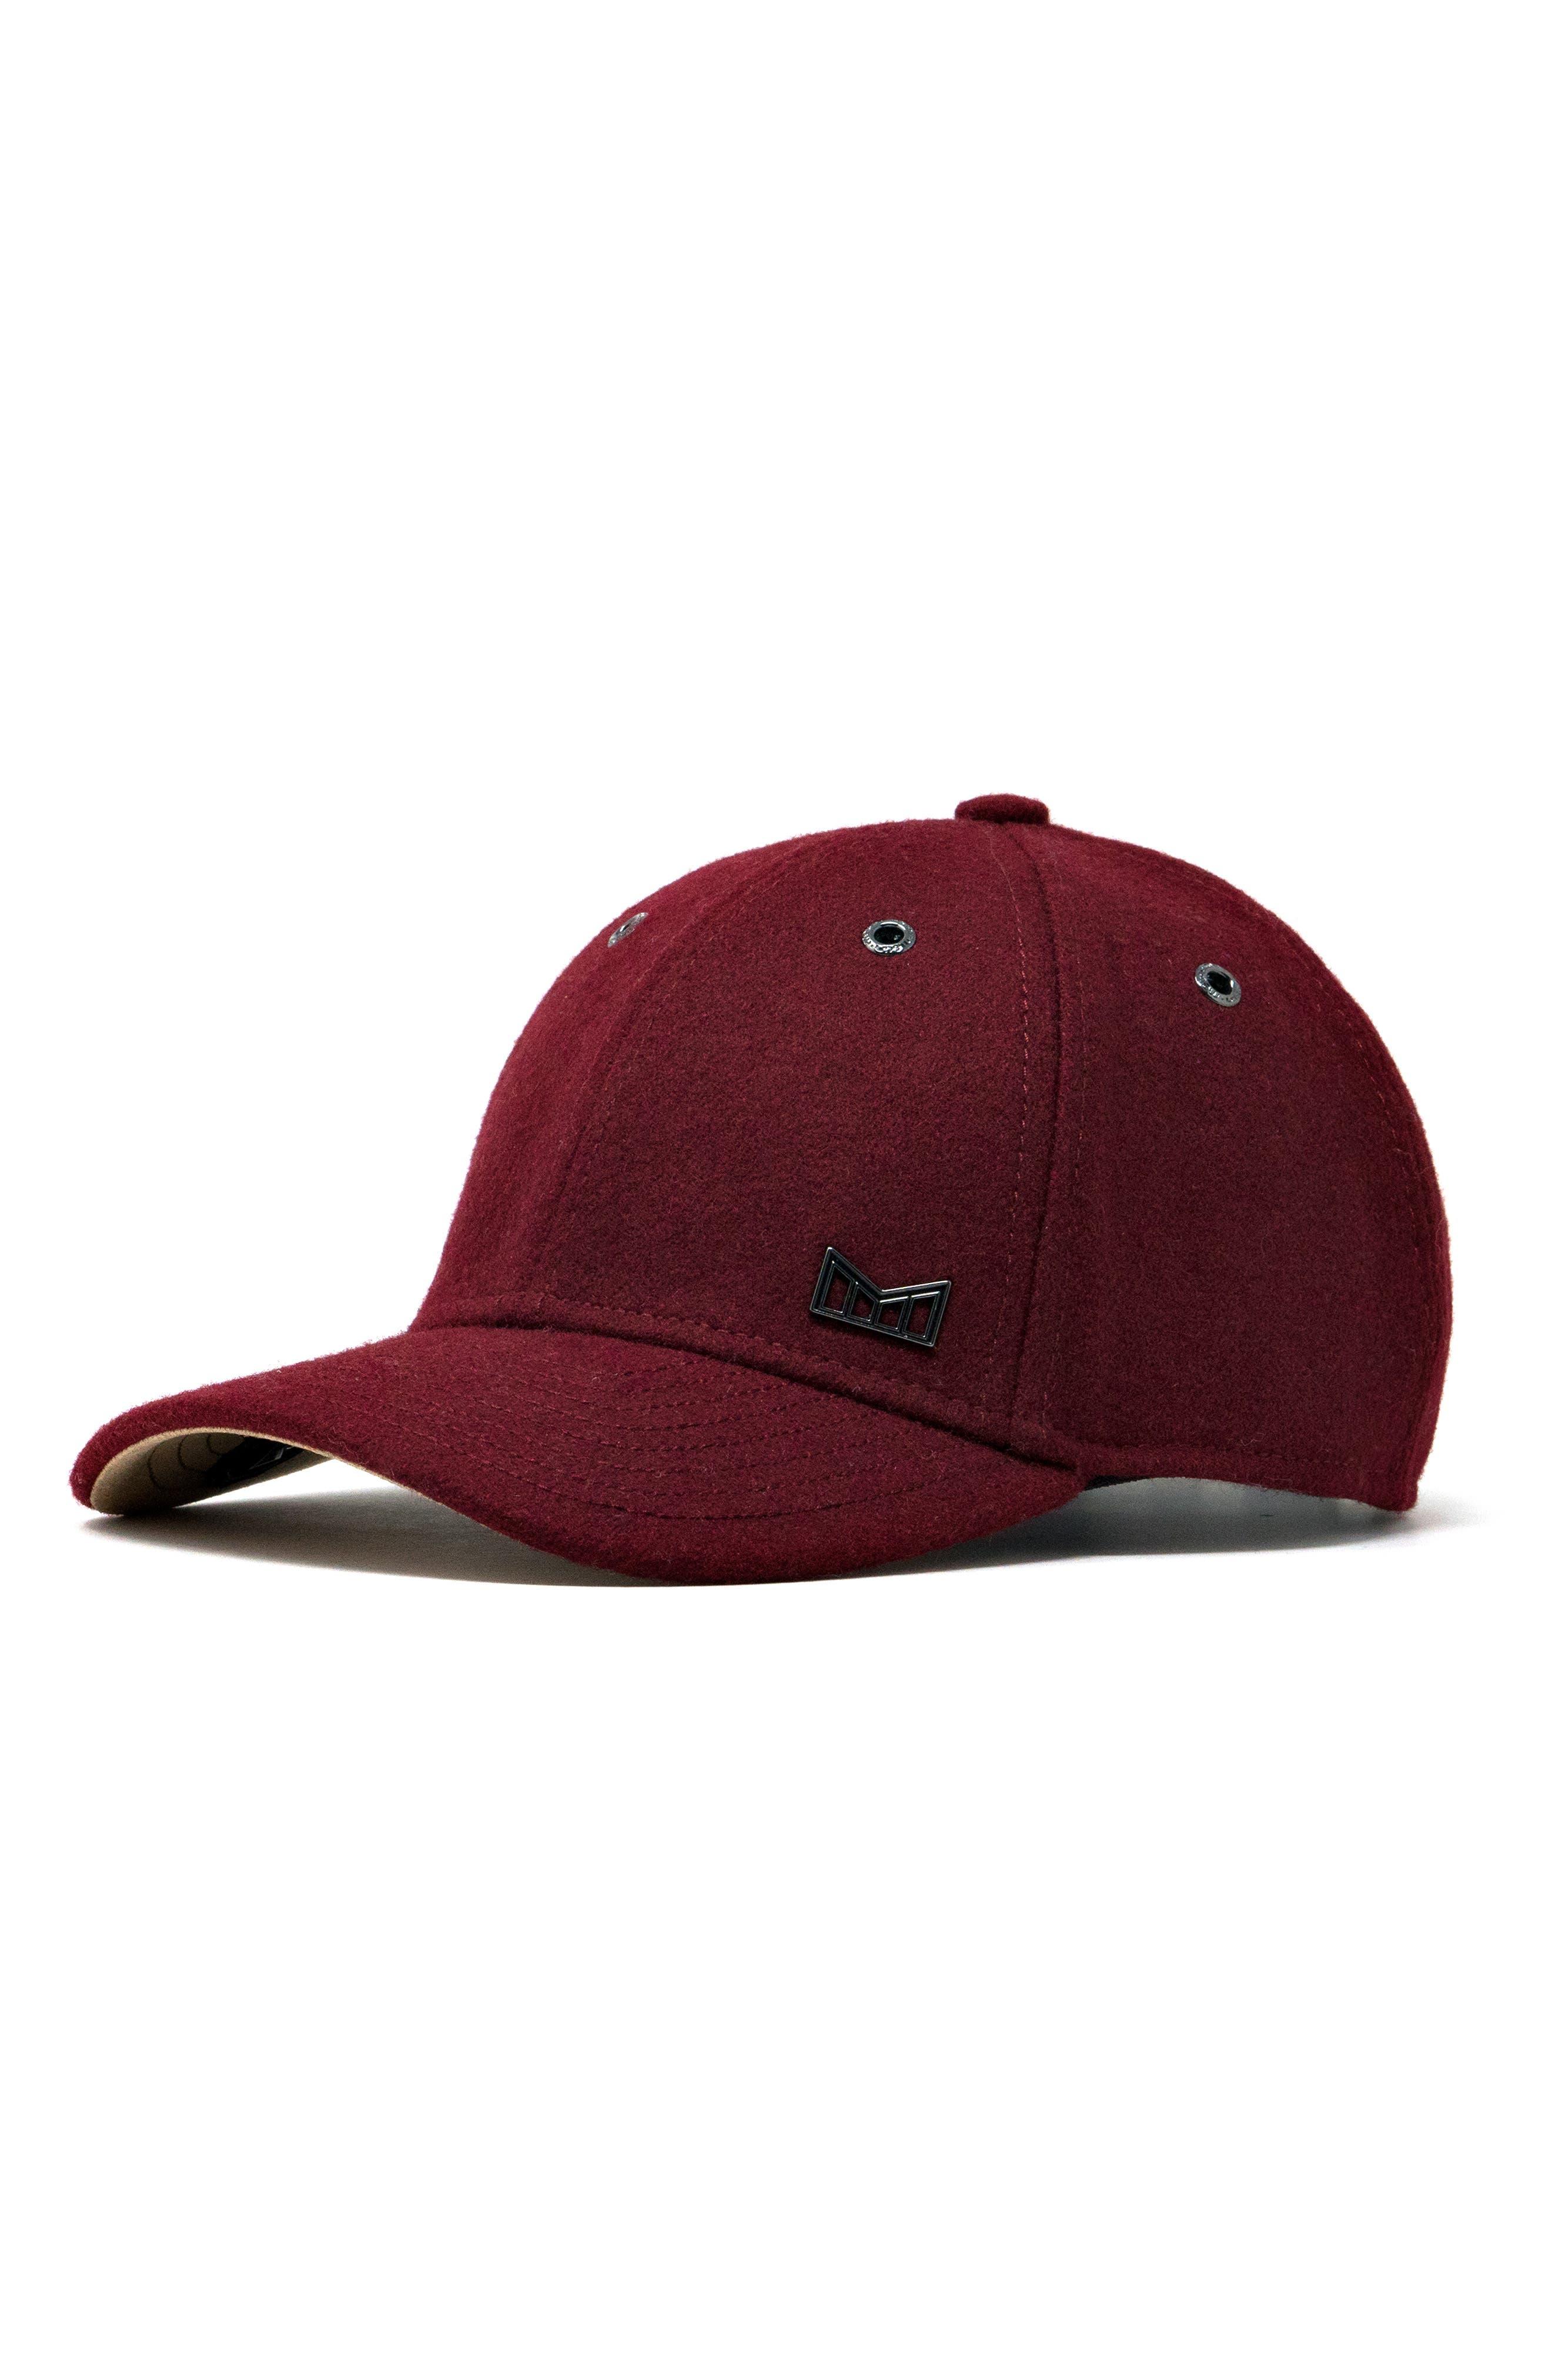 MELIN 'Glory Days' Strapback Baseball Cap - Red in Dark Red